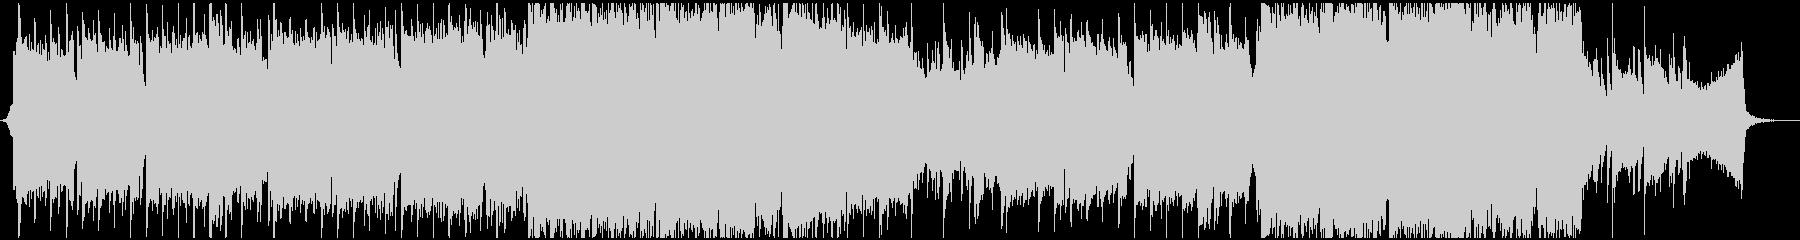 ティンホイッスルがメインの切ない曲の未再生の波形